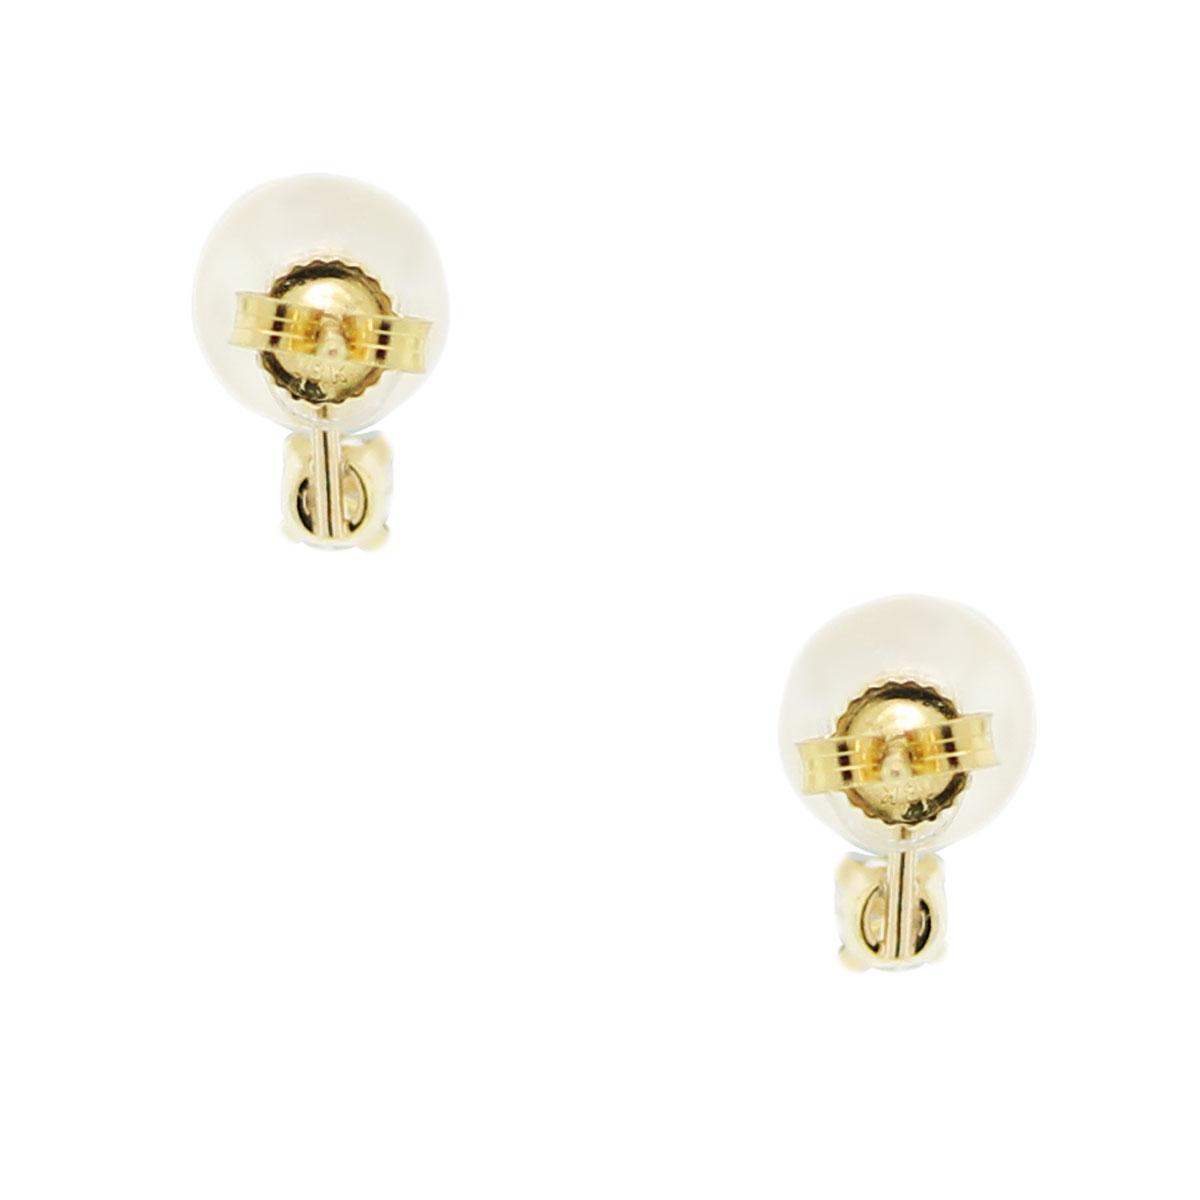 Mikimoto 18k Yellow Gold Diamond & Pearl Earrings